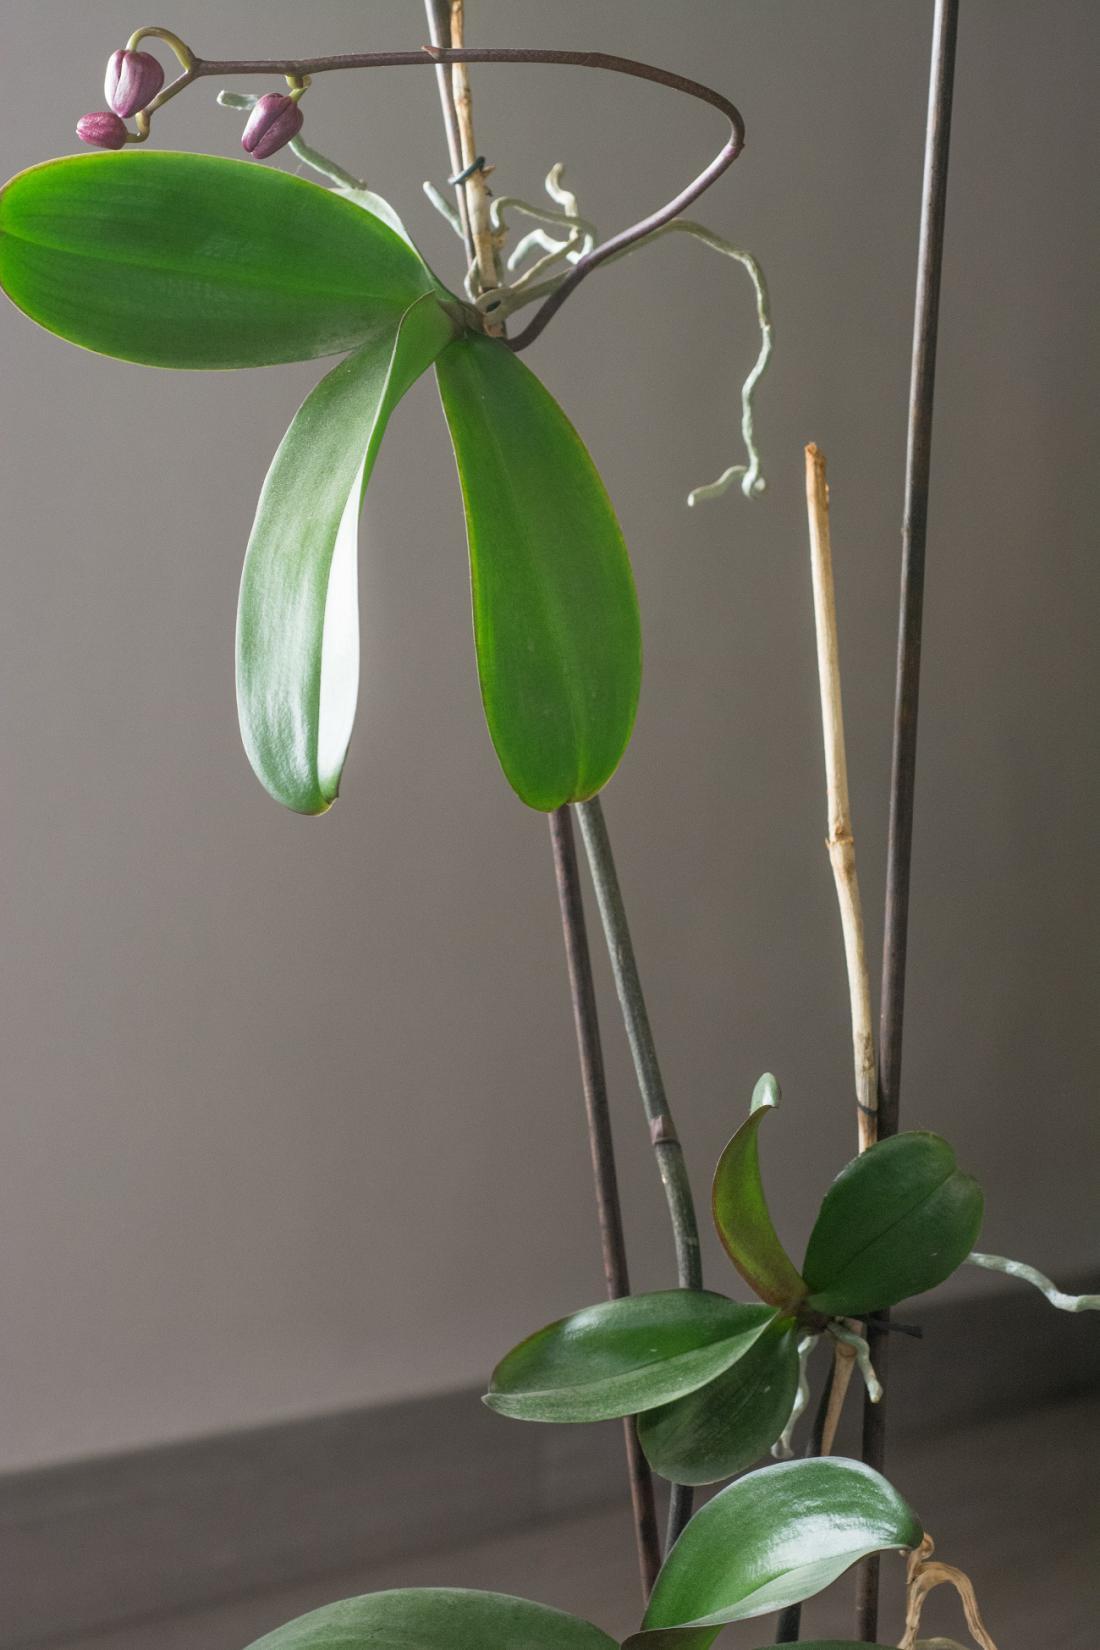 Mlade rastlinice na cvetnem steblu lahko odrežemo in posadimo.Foto: Tnet/Shutterstock